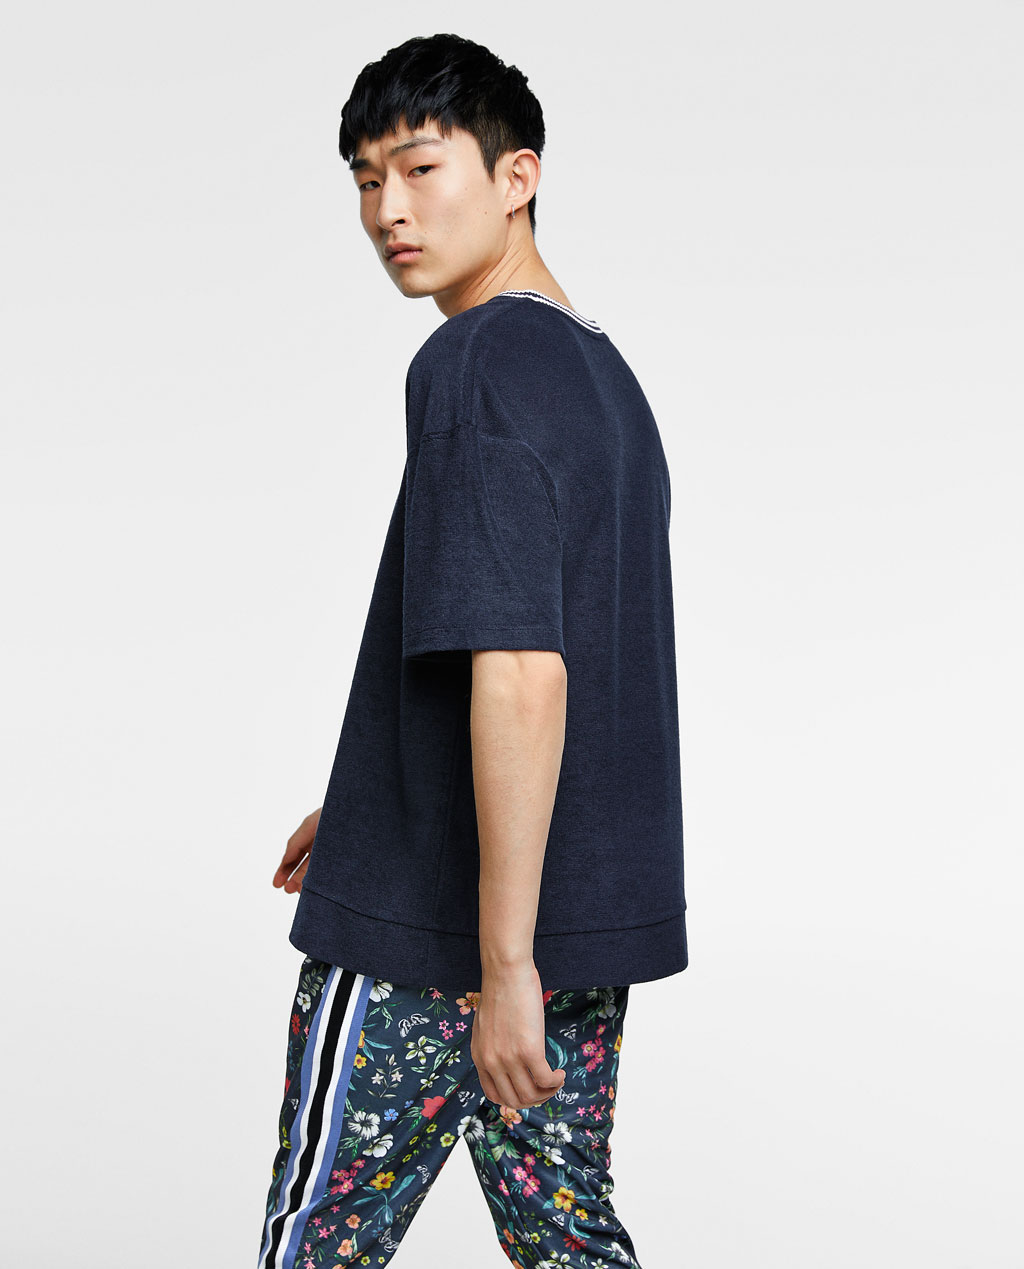 Thời trang nam Zara  23946 - ảnh 6